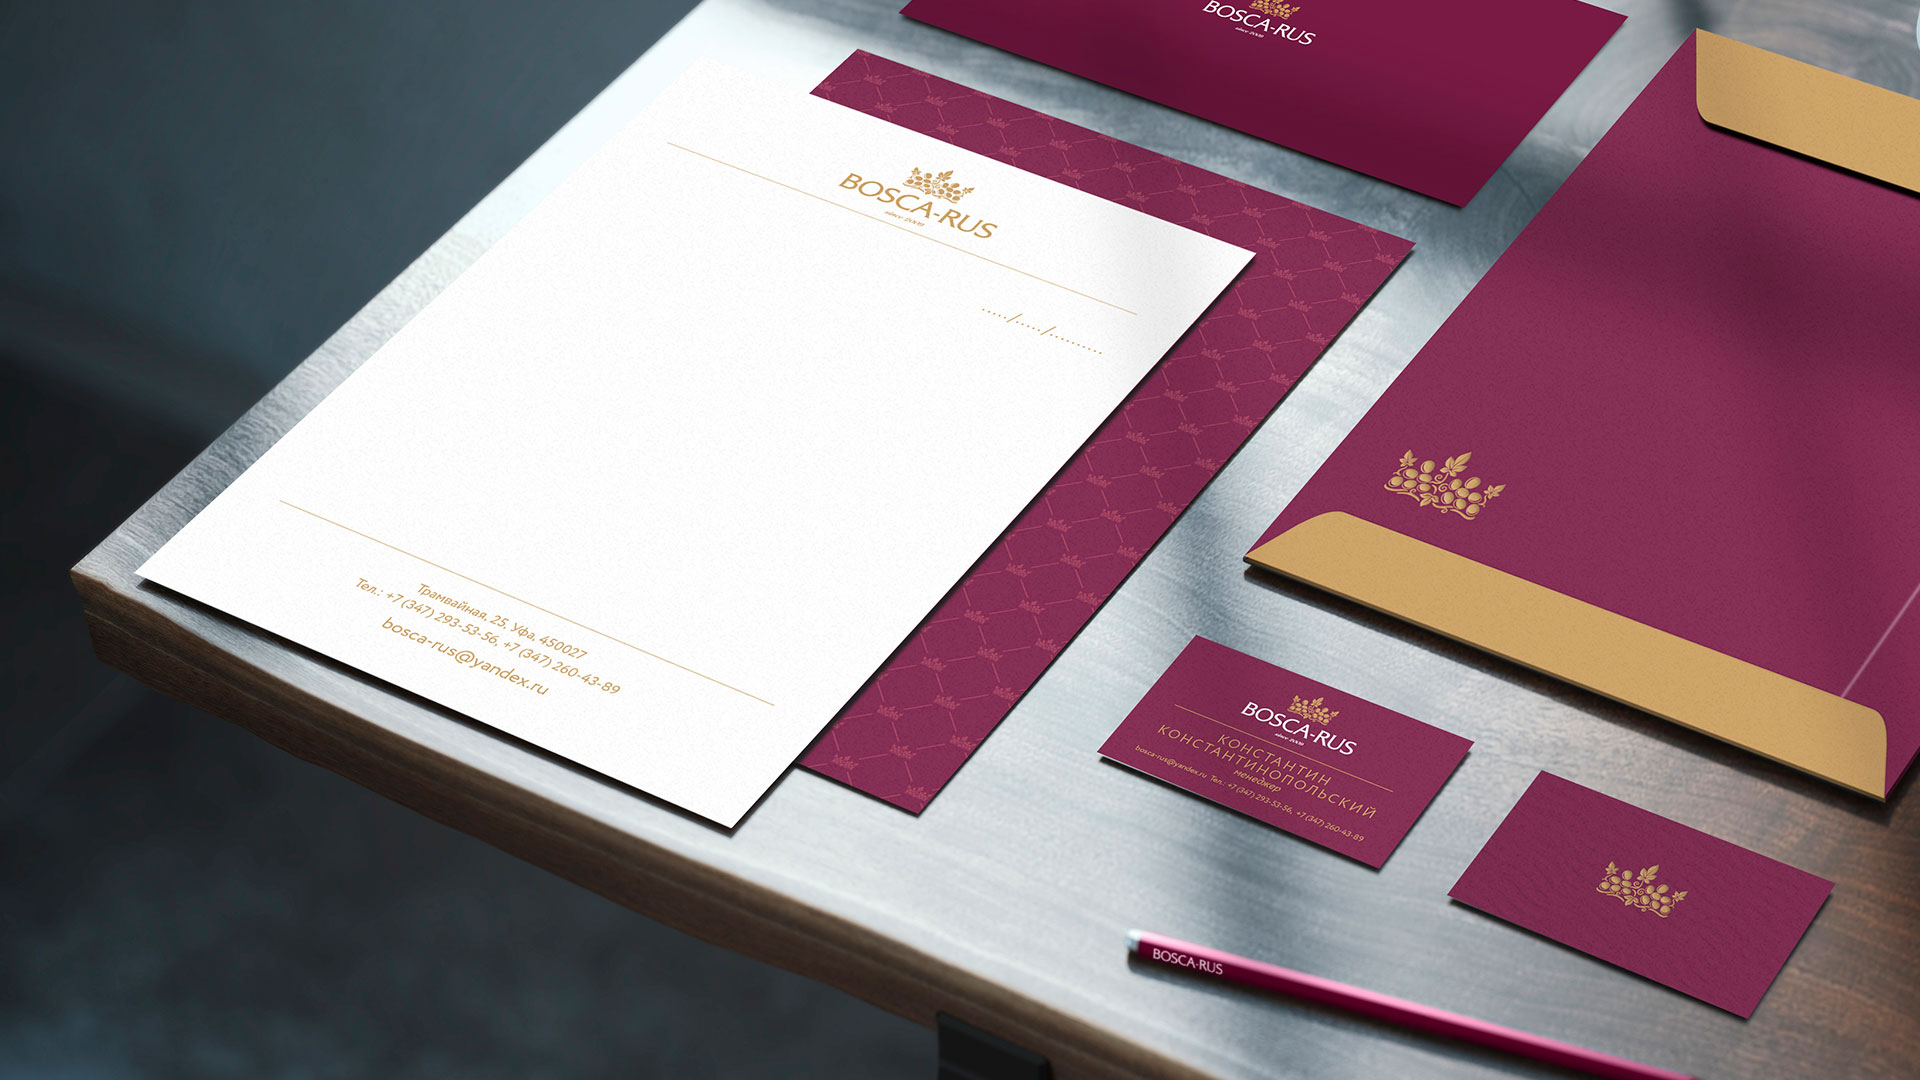 Дизайн бланков и визиток для Боска рус